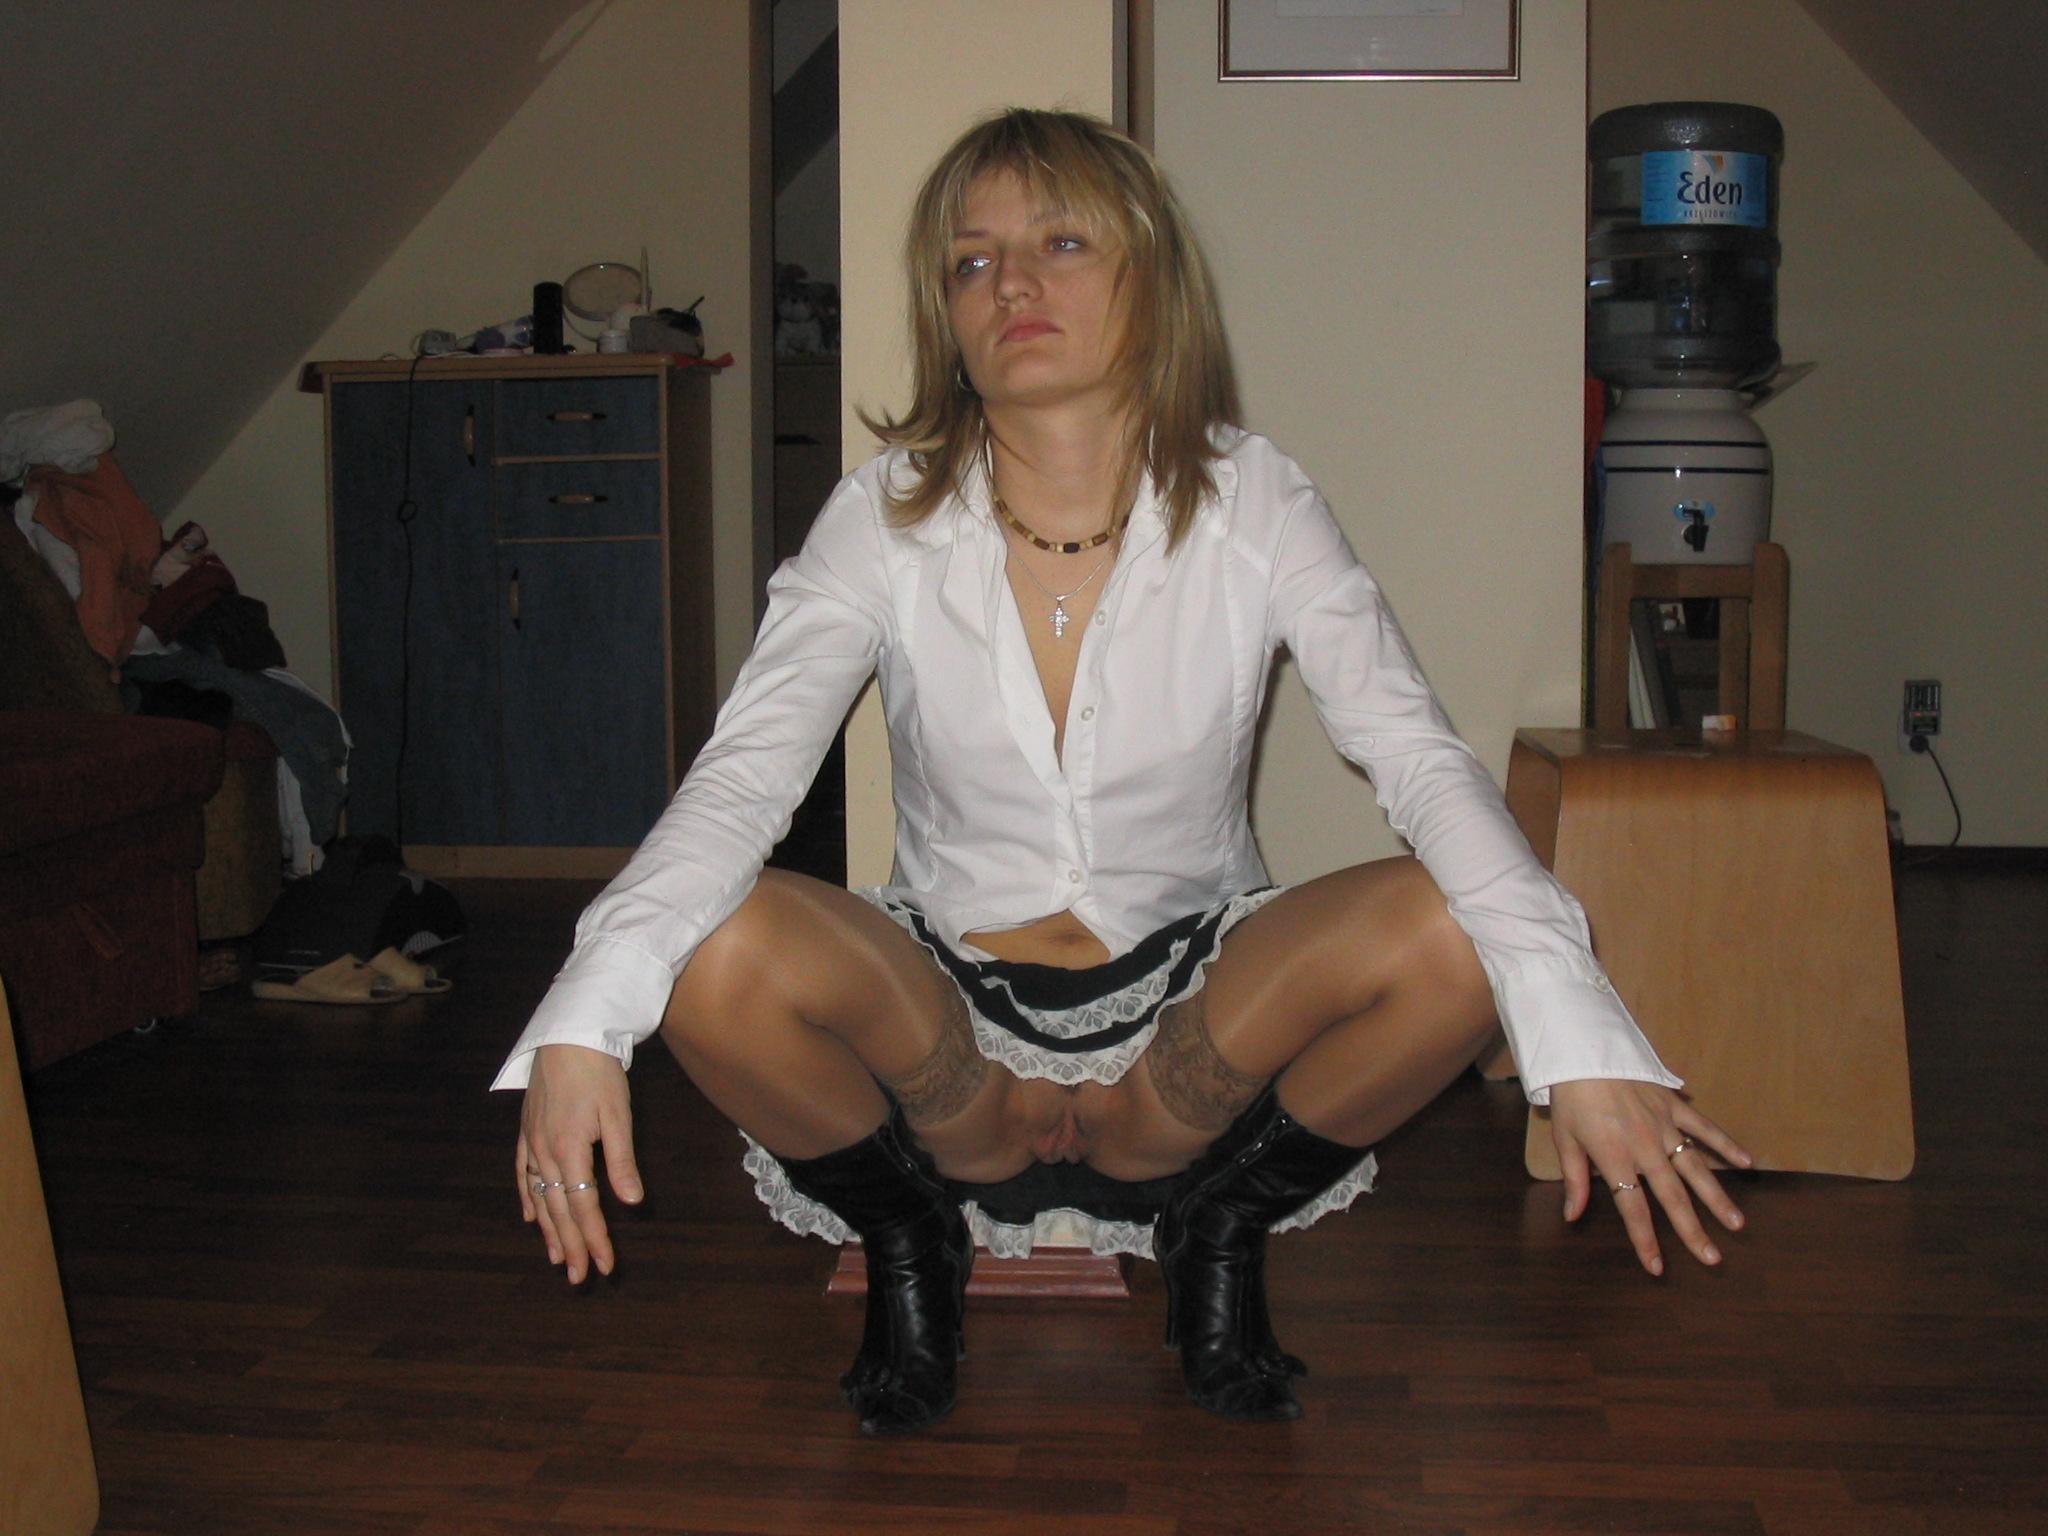 Эти развратные и похотливые представительницы слабого пола показывают дырки